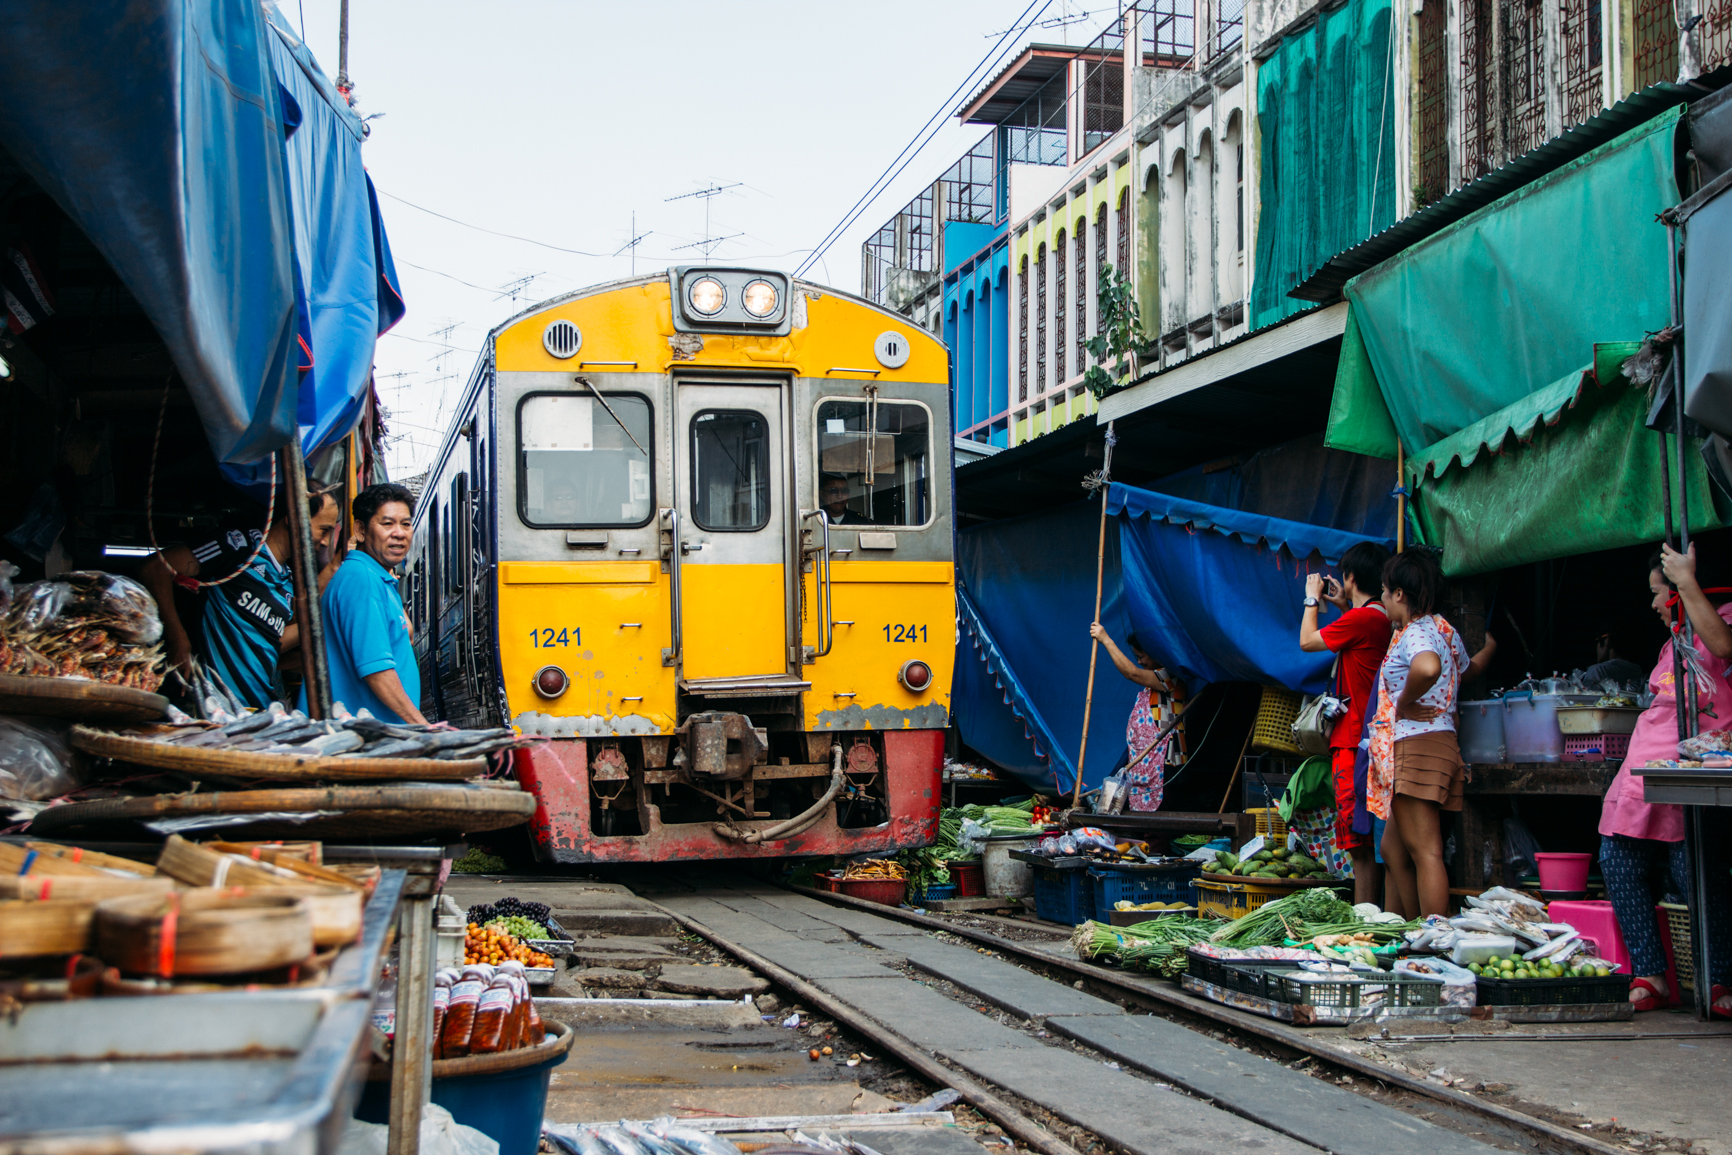 mercado do trem eduardo e monica